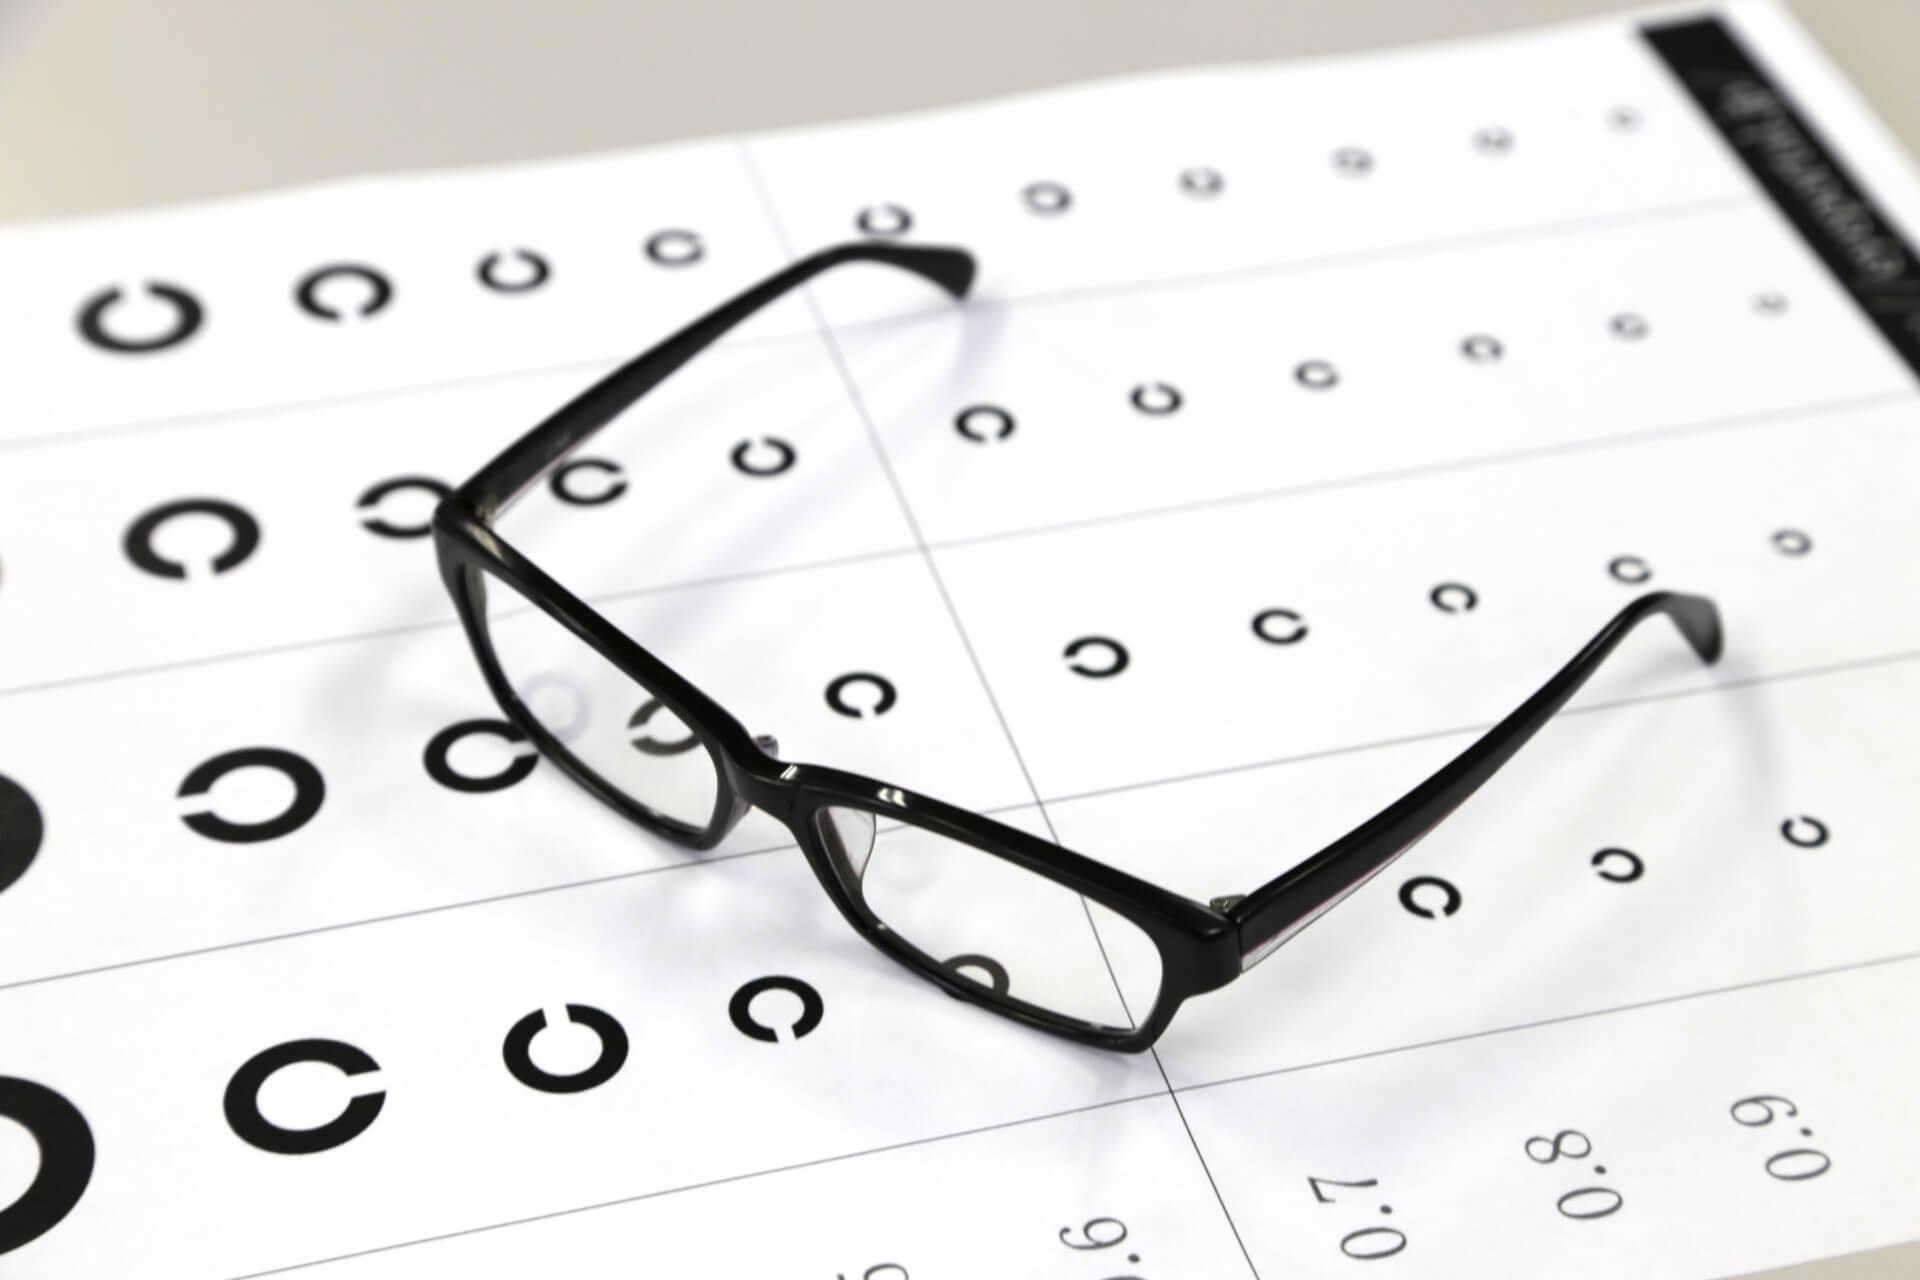 両目の働きのバランスを整えることを可能にする両眼視検査